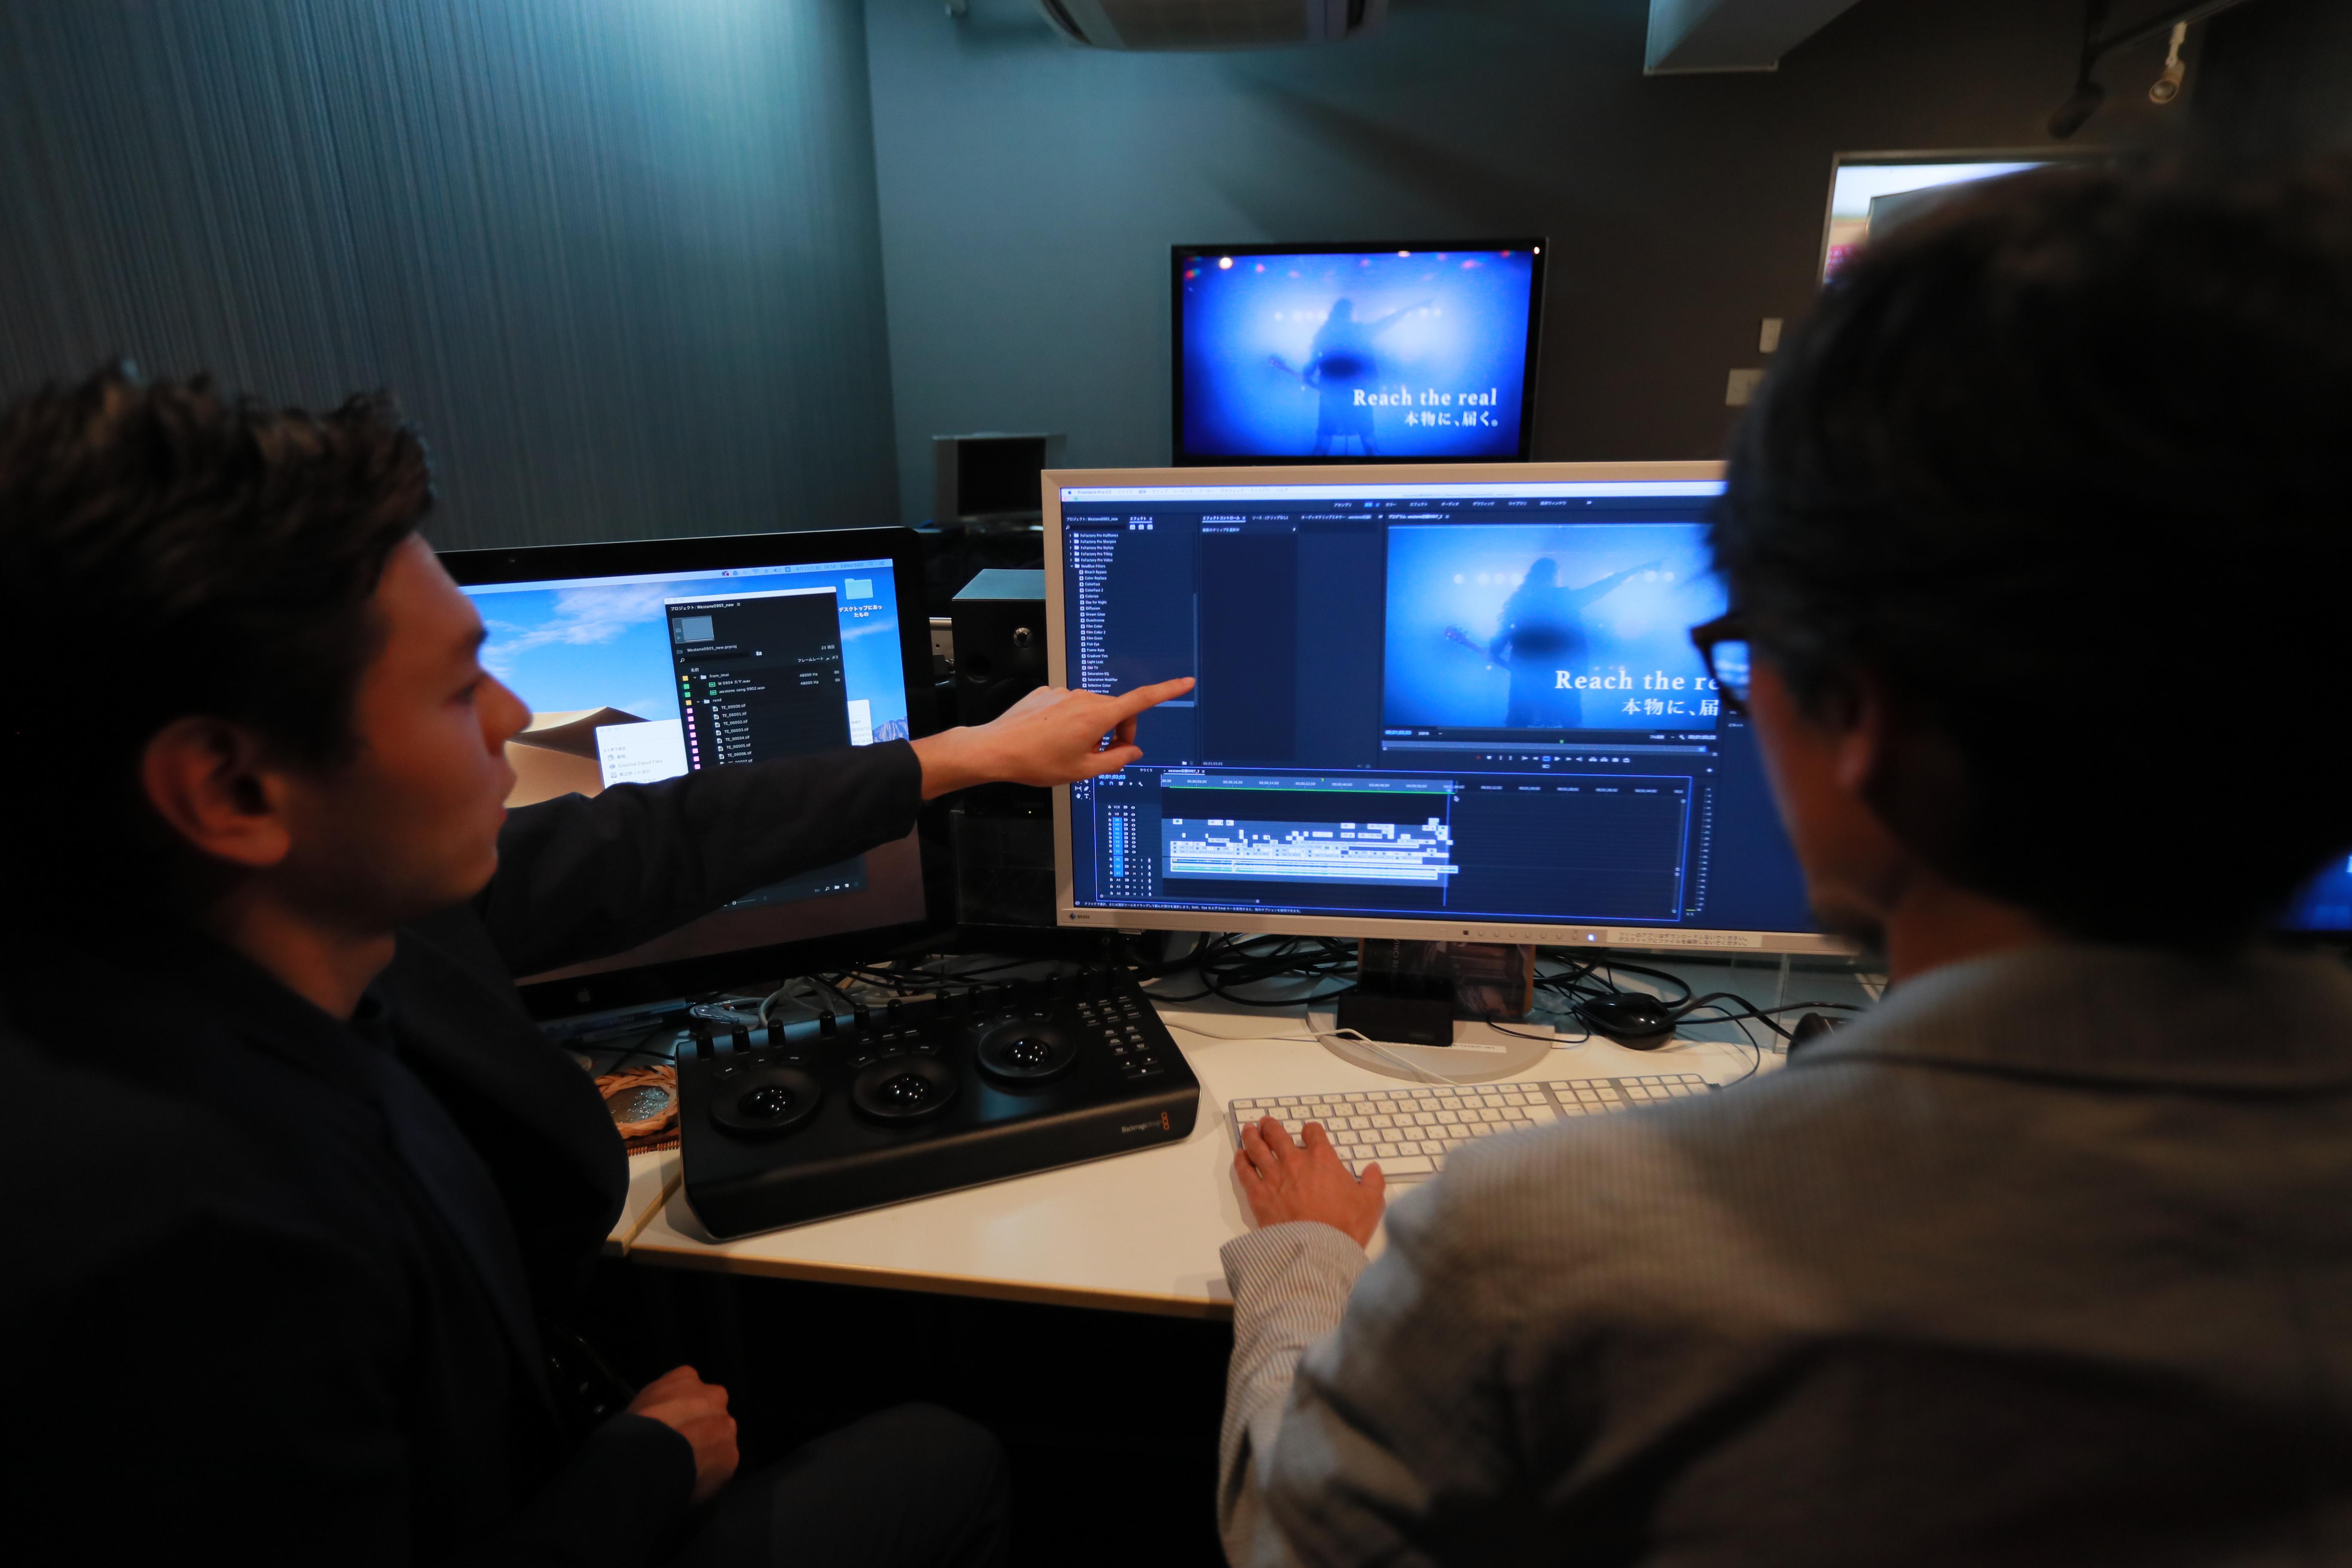 動画・映像編集という仕事 〜本当の編集とは何かをプロの現場から解説〜